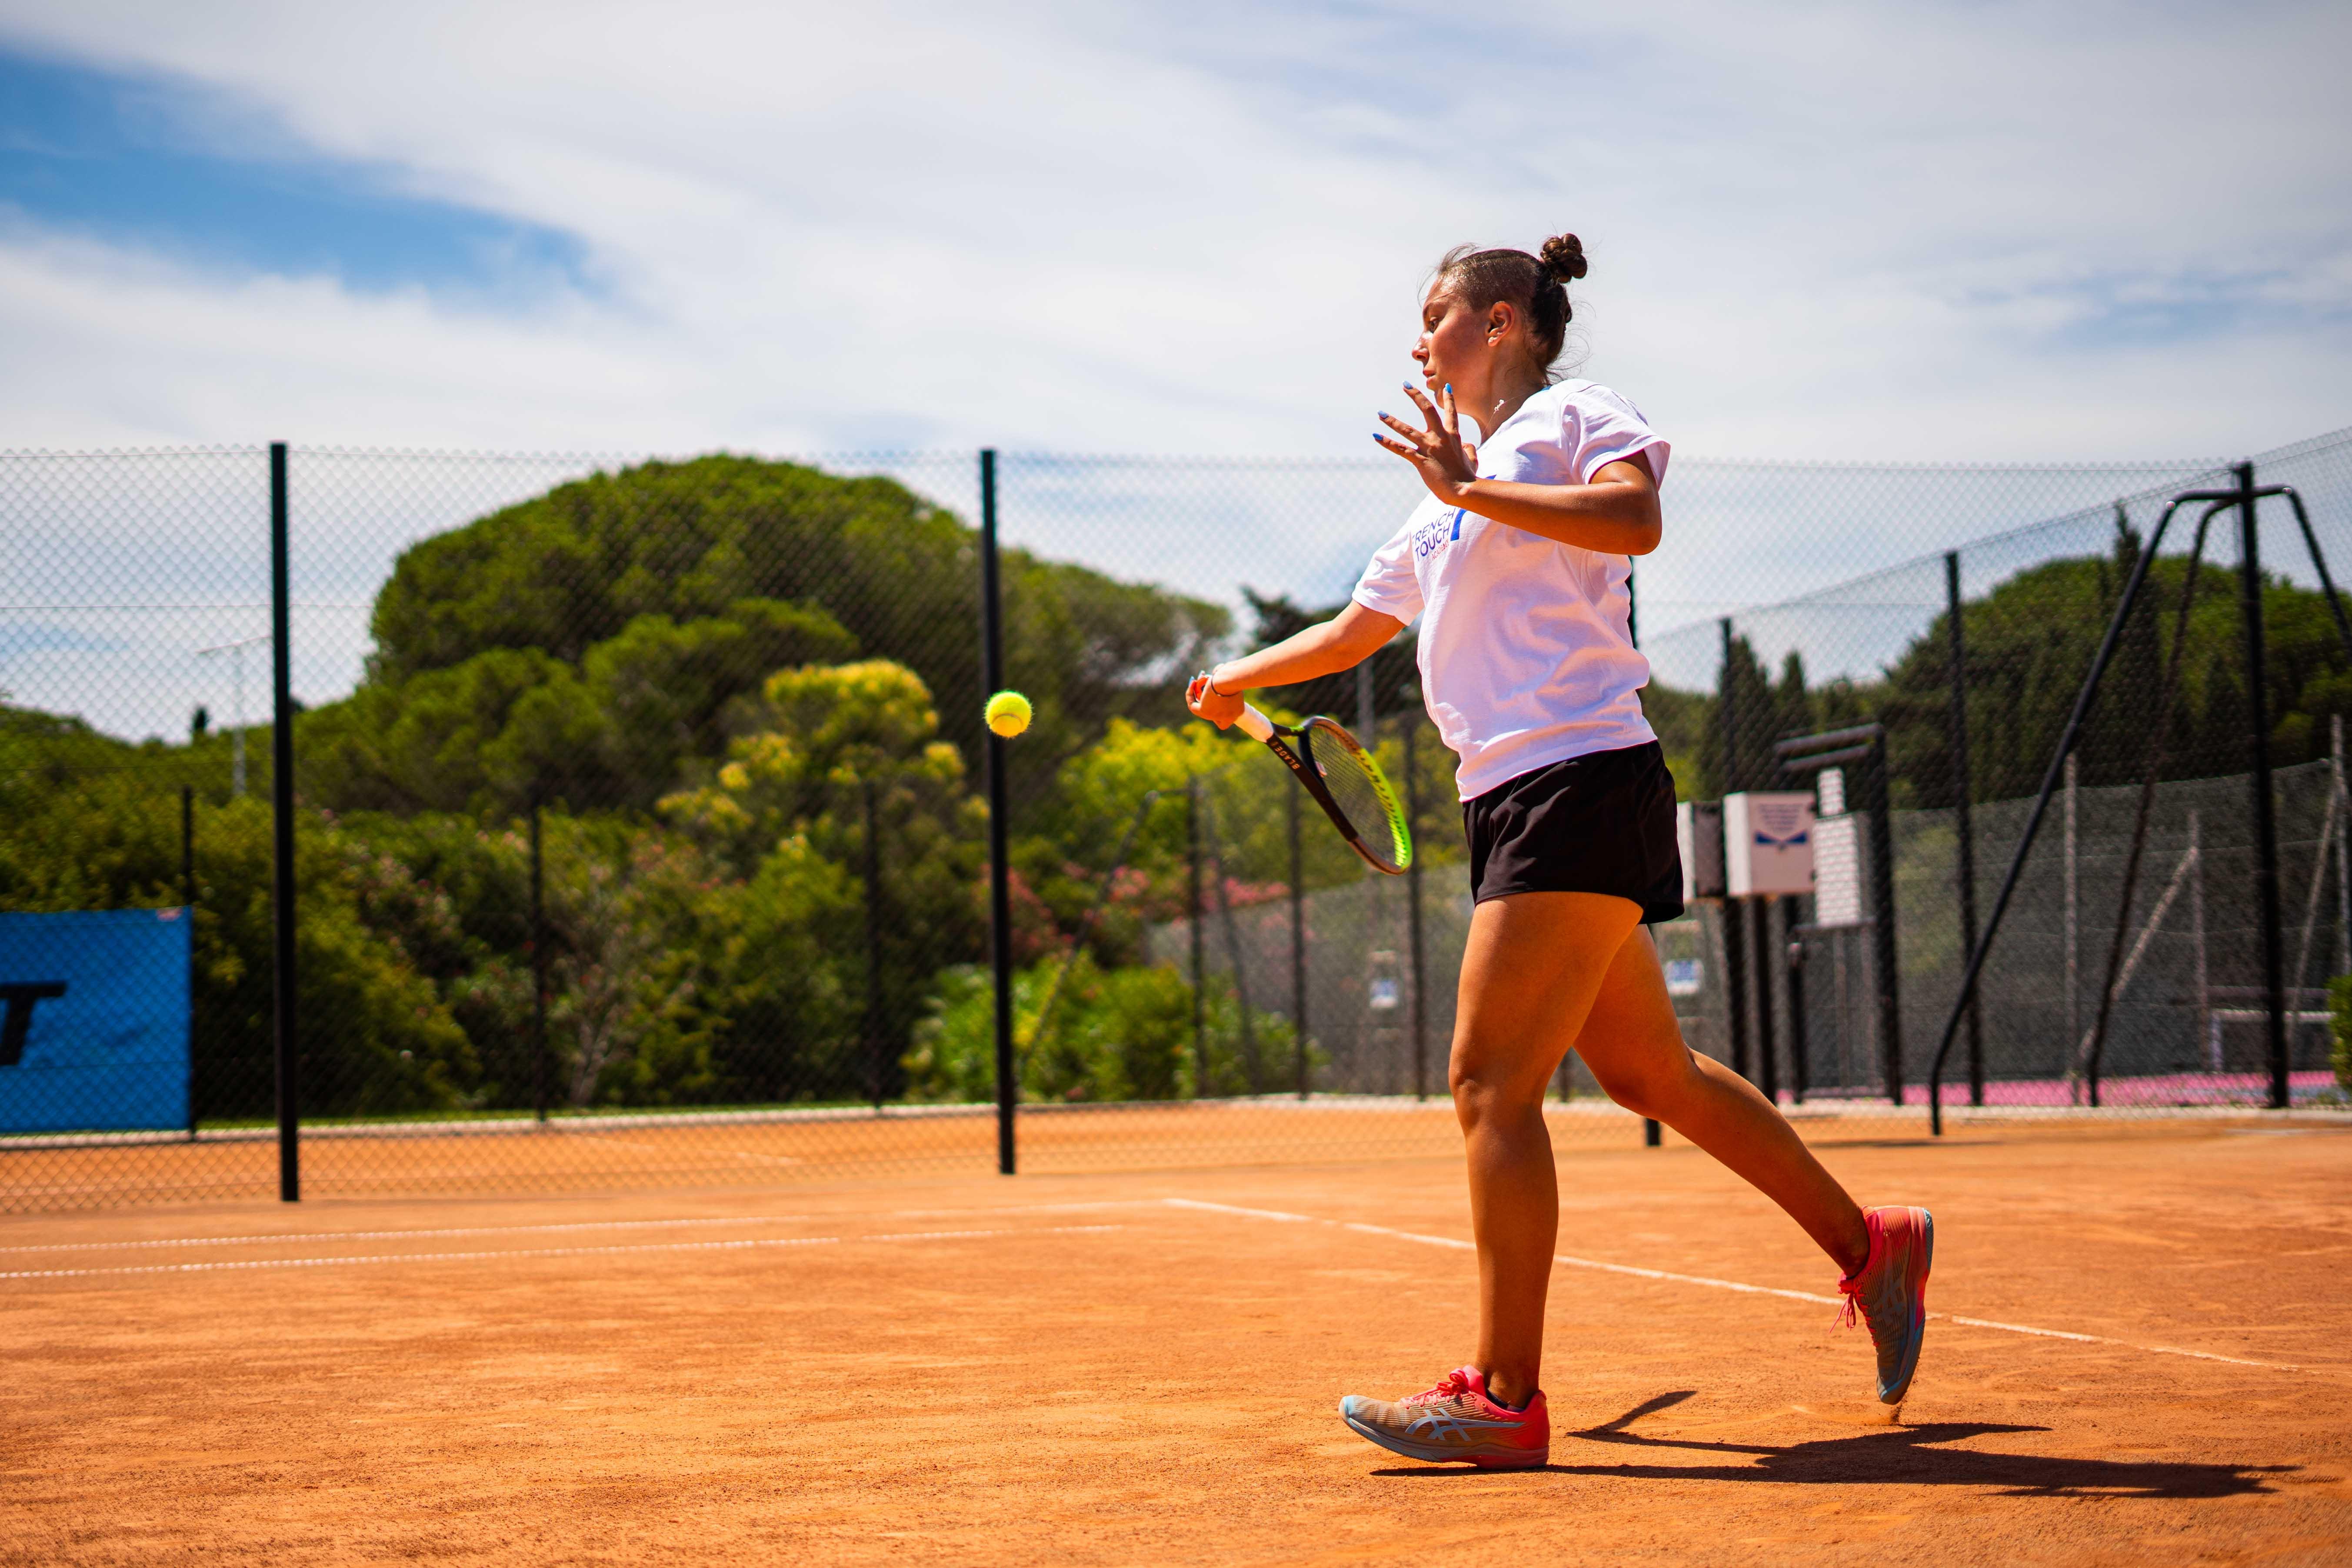 在Cap d'Agde国际网球中心的职业网球运动员。